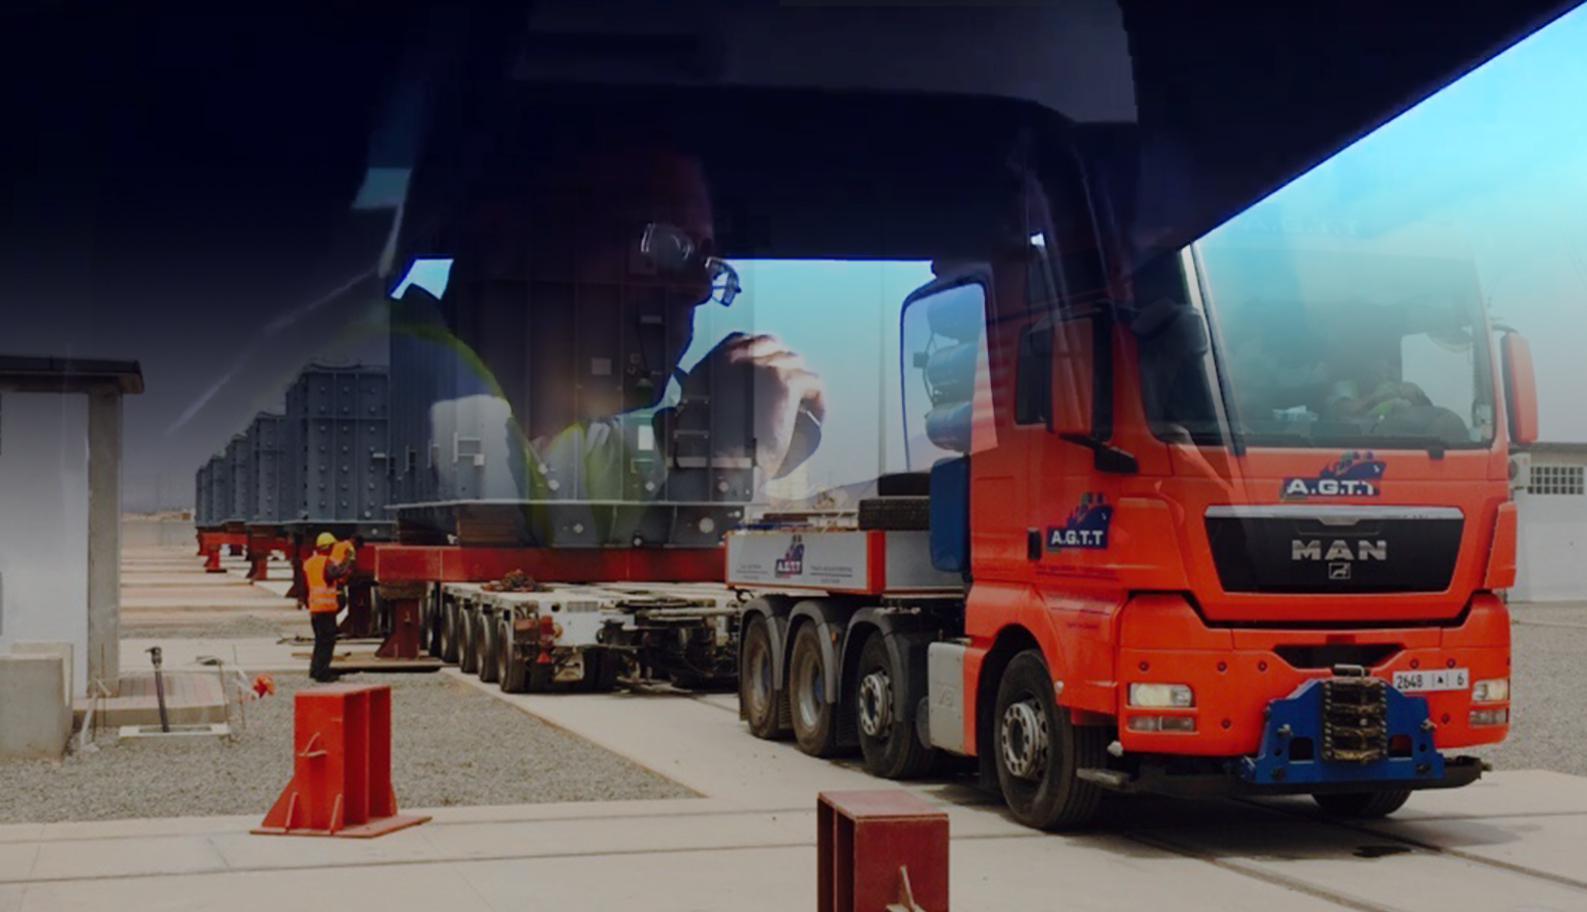 +1200 tonnes